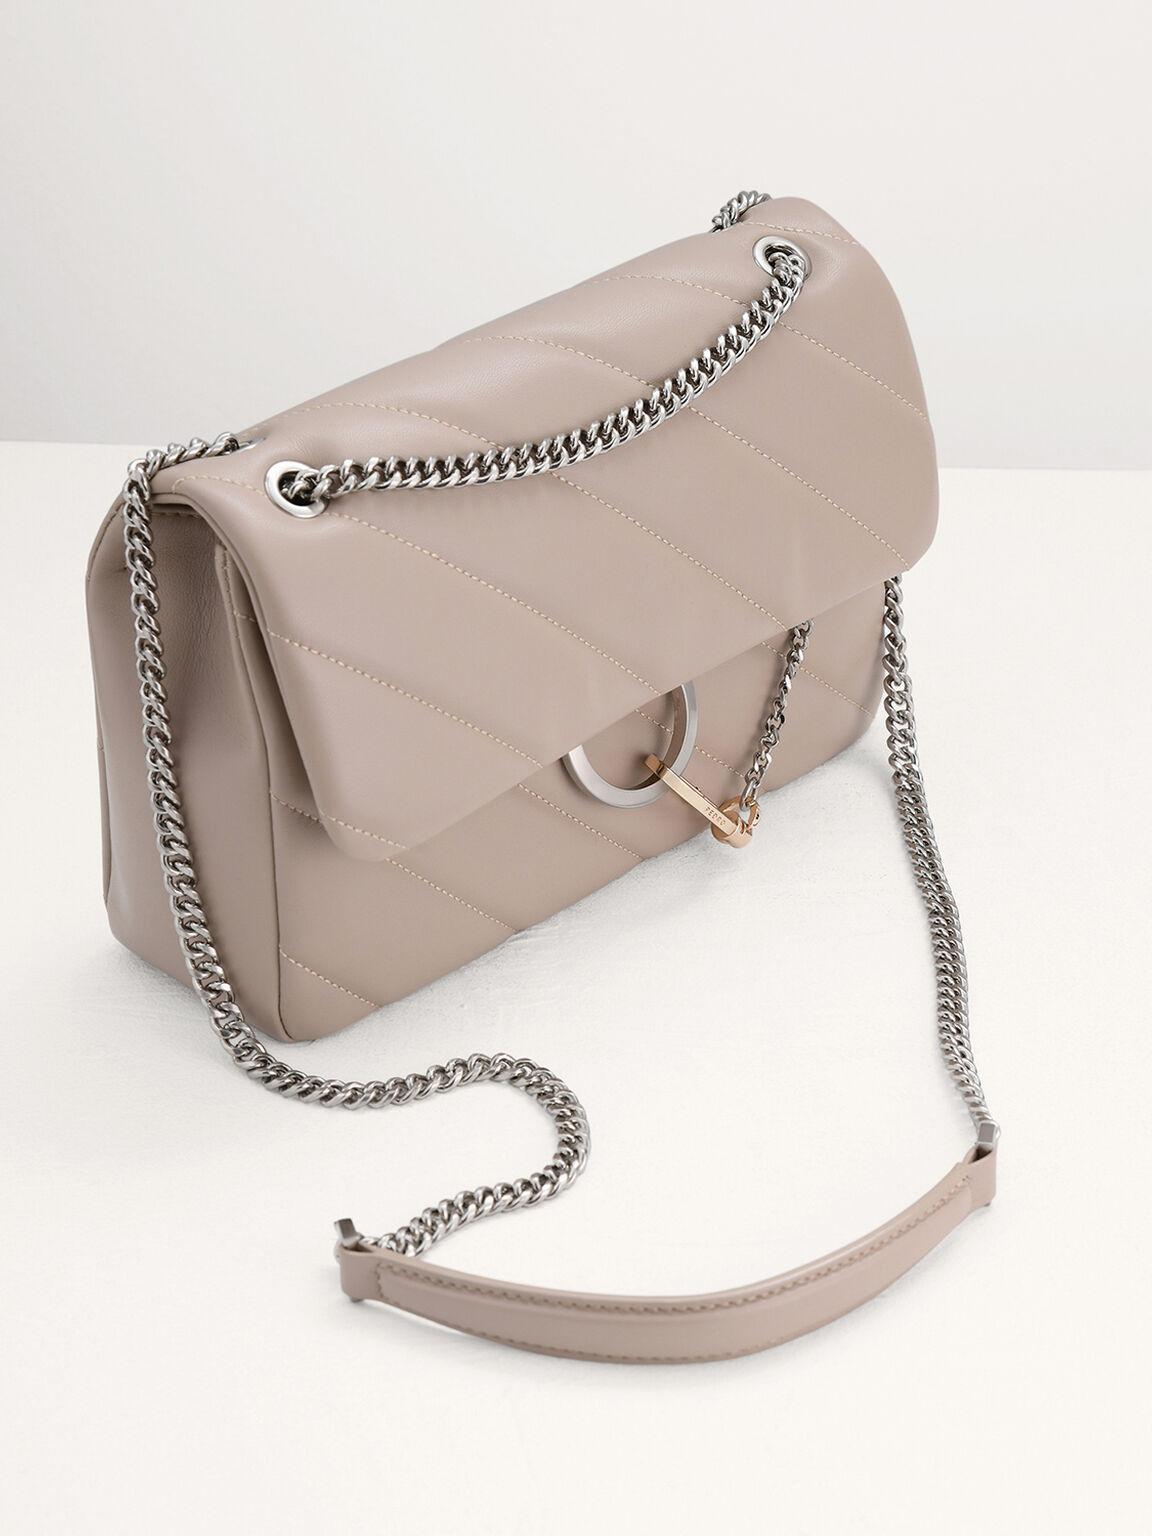 Qulited Shoulder Bag, Taupe, hi-res